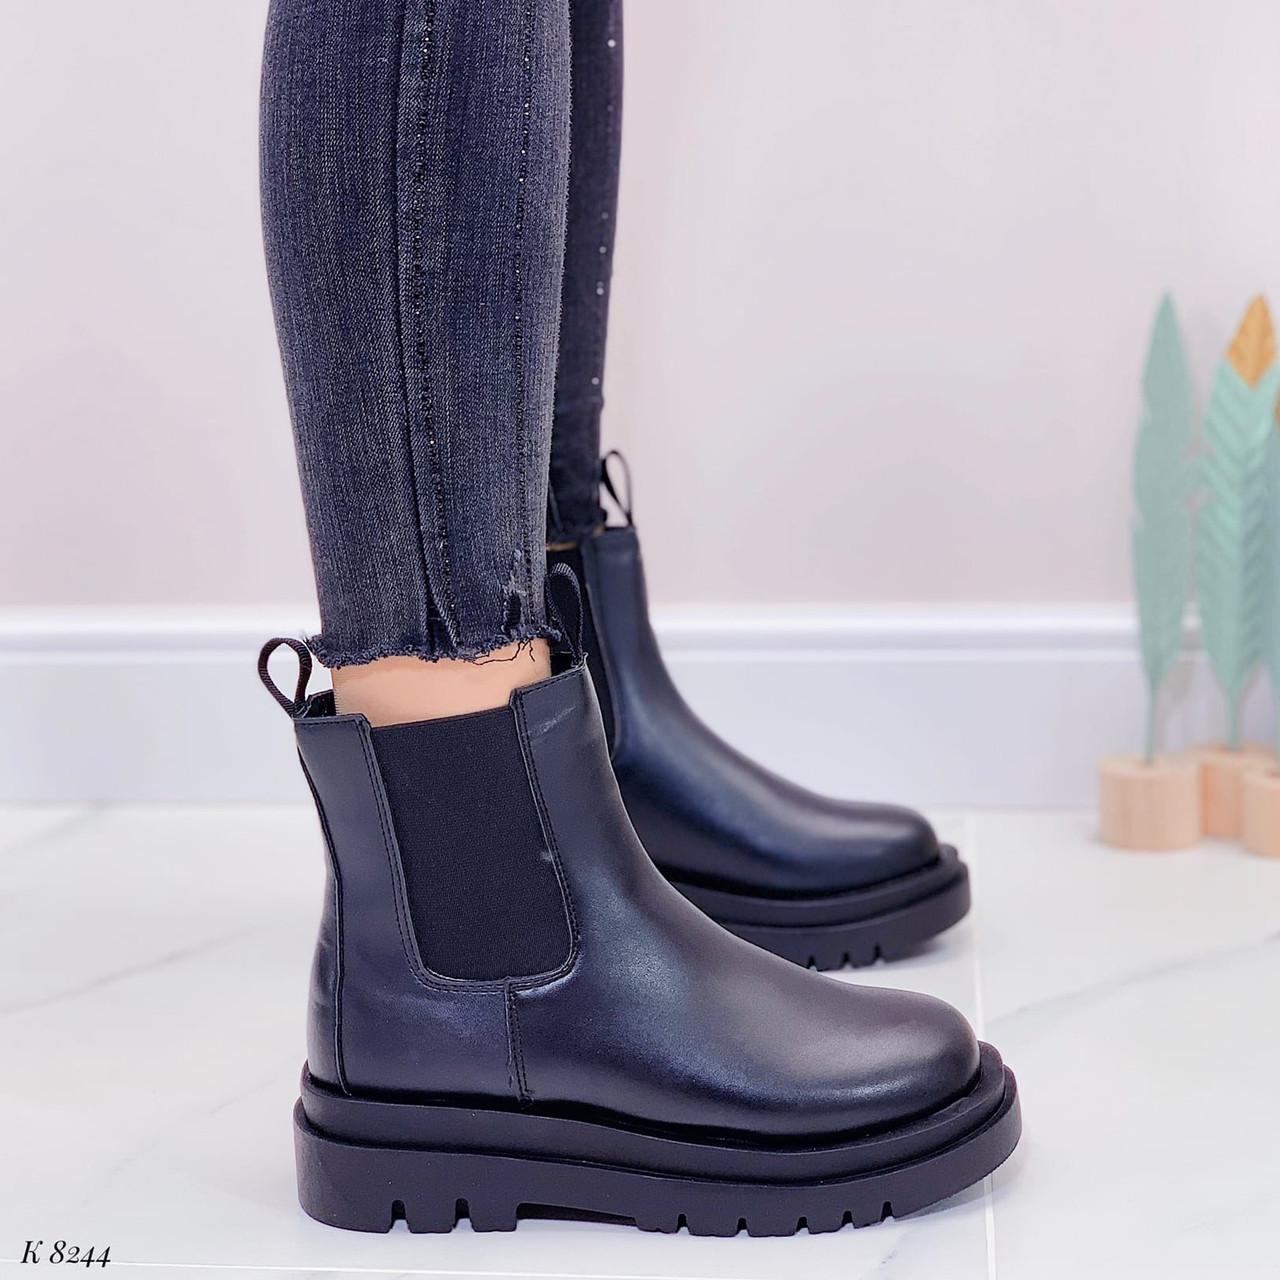 Тільки 36 р! Жіночі черевики ДЕМІ чорні з гумкою еко шкіра